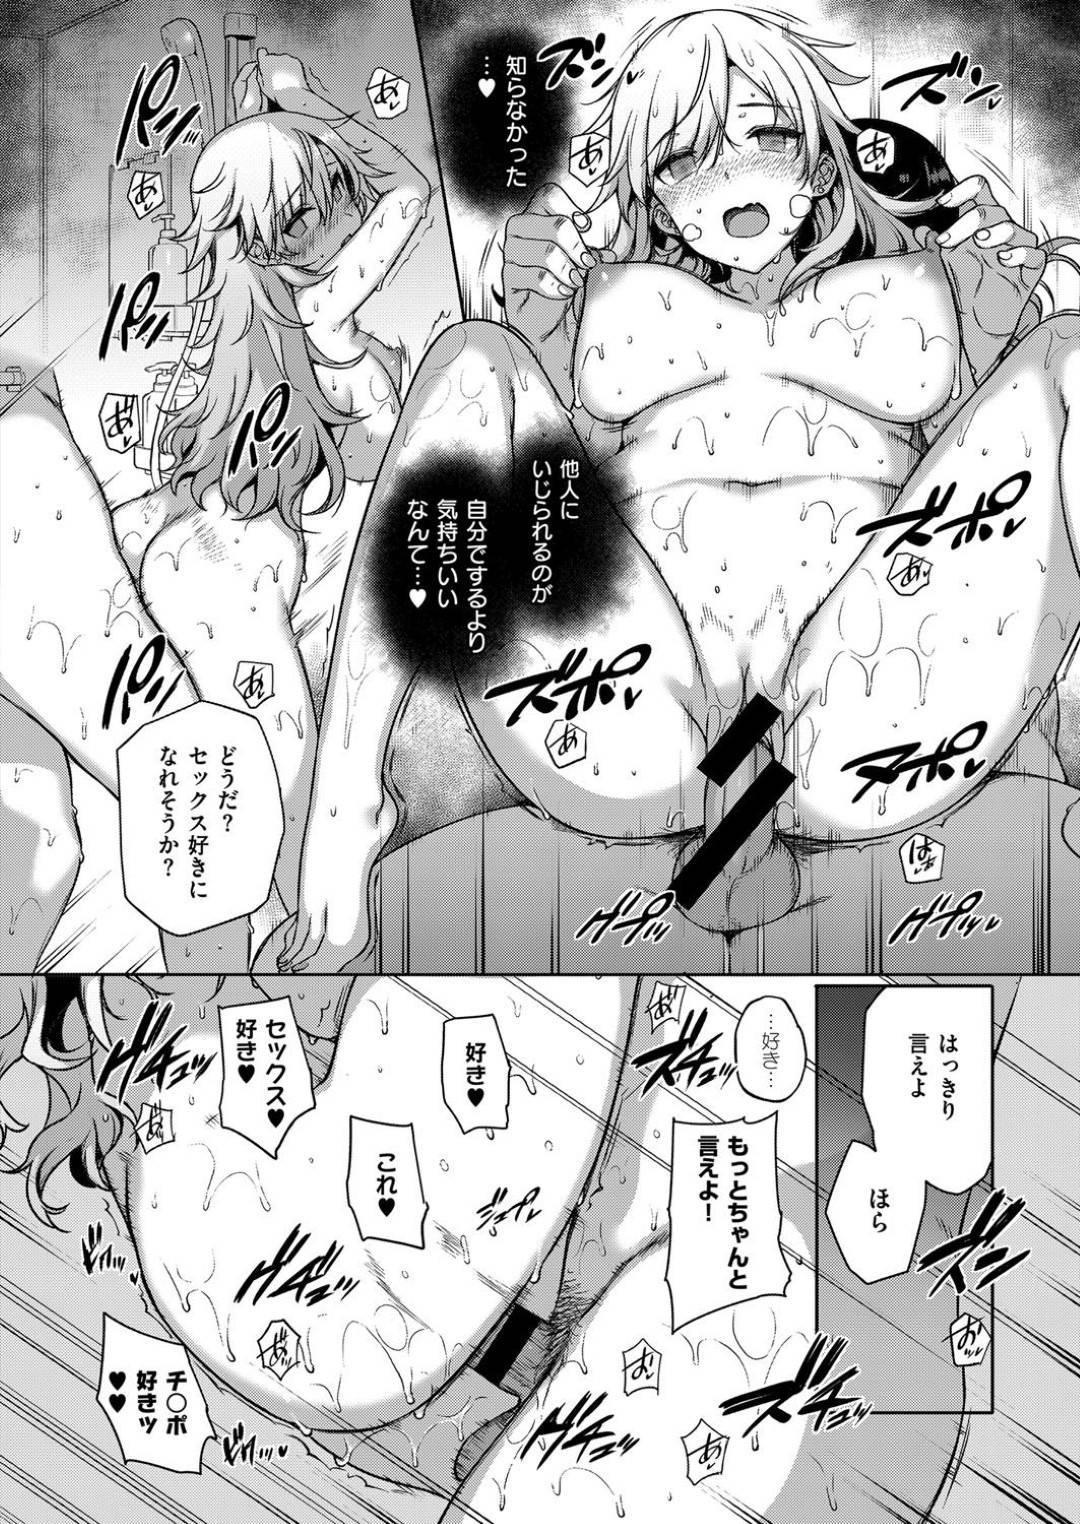 【エロ漫画】自由奔放なJKお嬢様…管理人に懐いてわがまま言い放題だが一度快楽を味わってしまえばどんな女もメス化!処女マンコに勃起チンポを挿入しどんどんトロ顔で従順になるお嬢様はエロすぎる!【桂井よしあき】